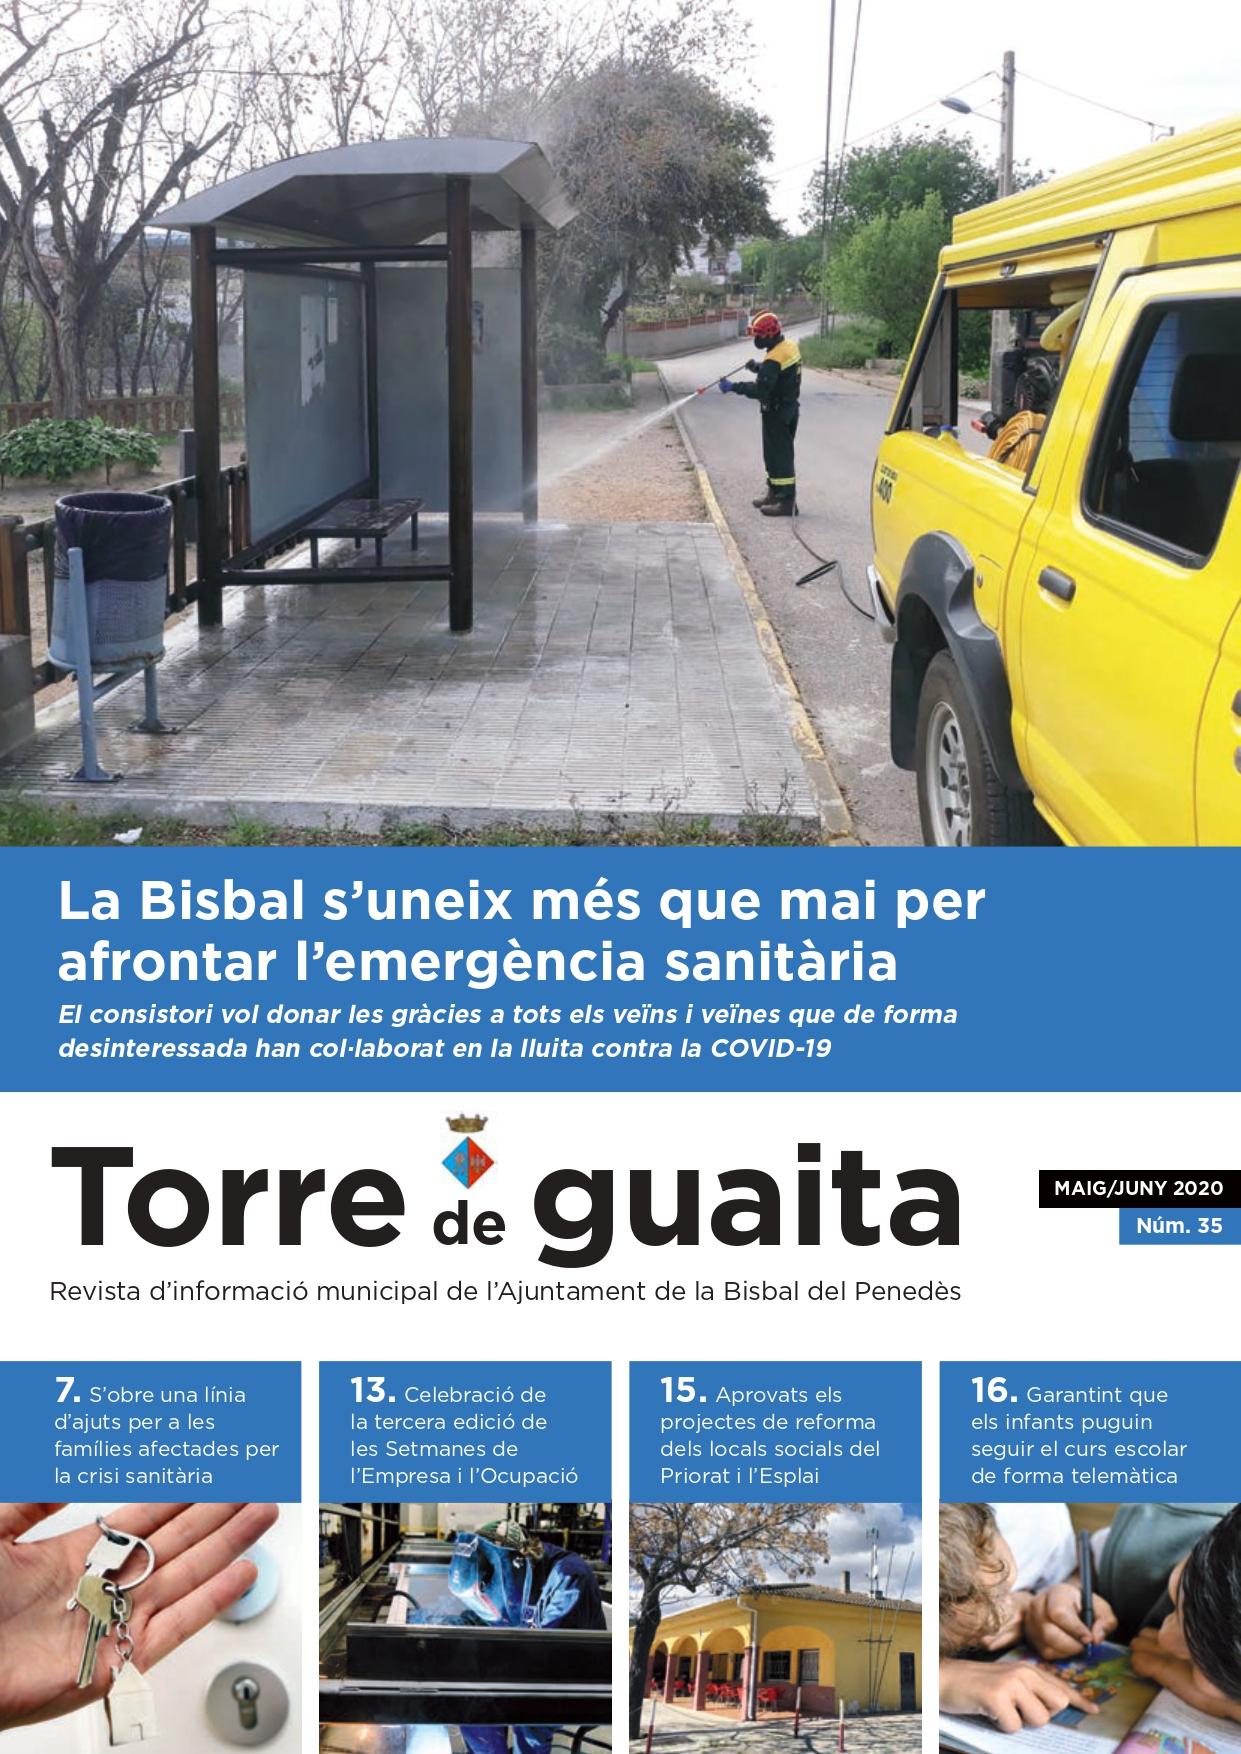 Ja ha sortit al carrer l'edició dels mesos de maig i juny de la revista municipal Torre de Guaita